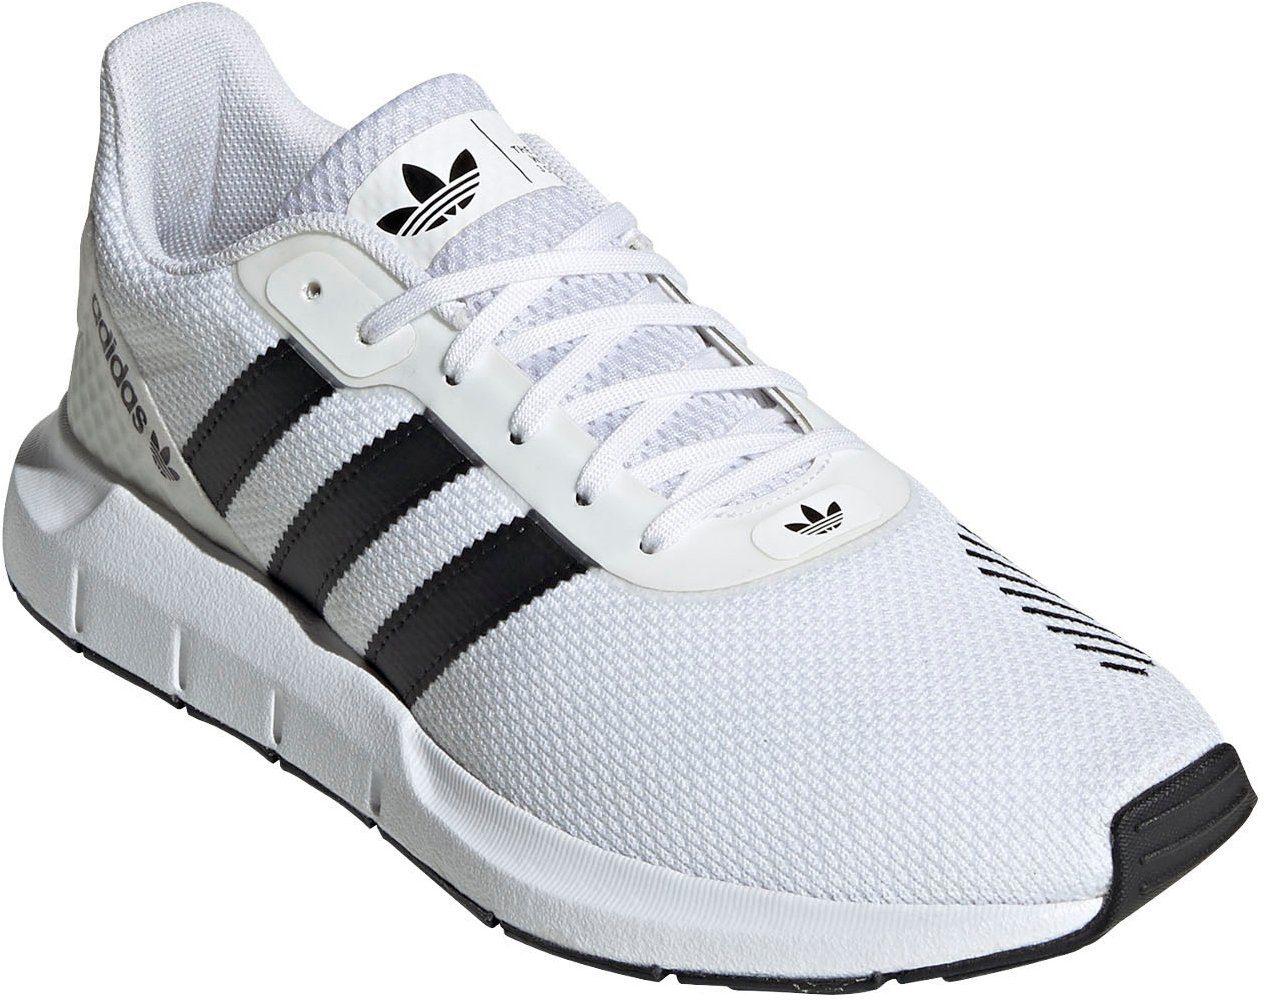 adidas Originals »SWIFT RUN RF« Sneaker kaufen | OTTO